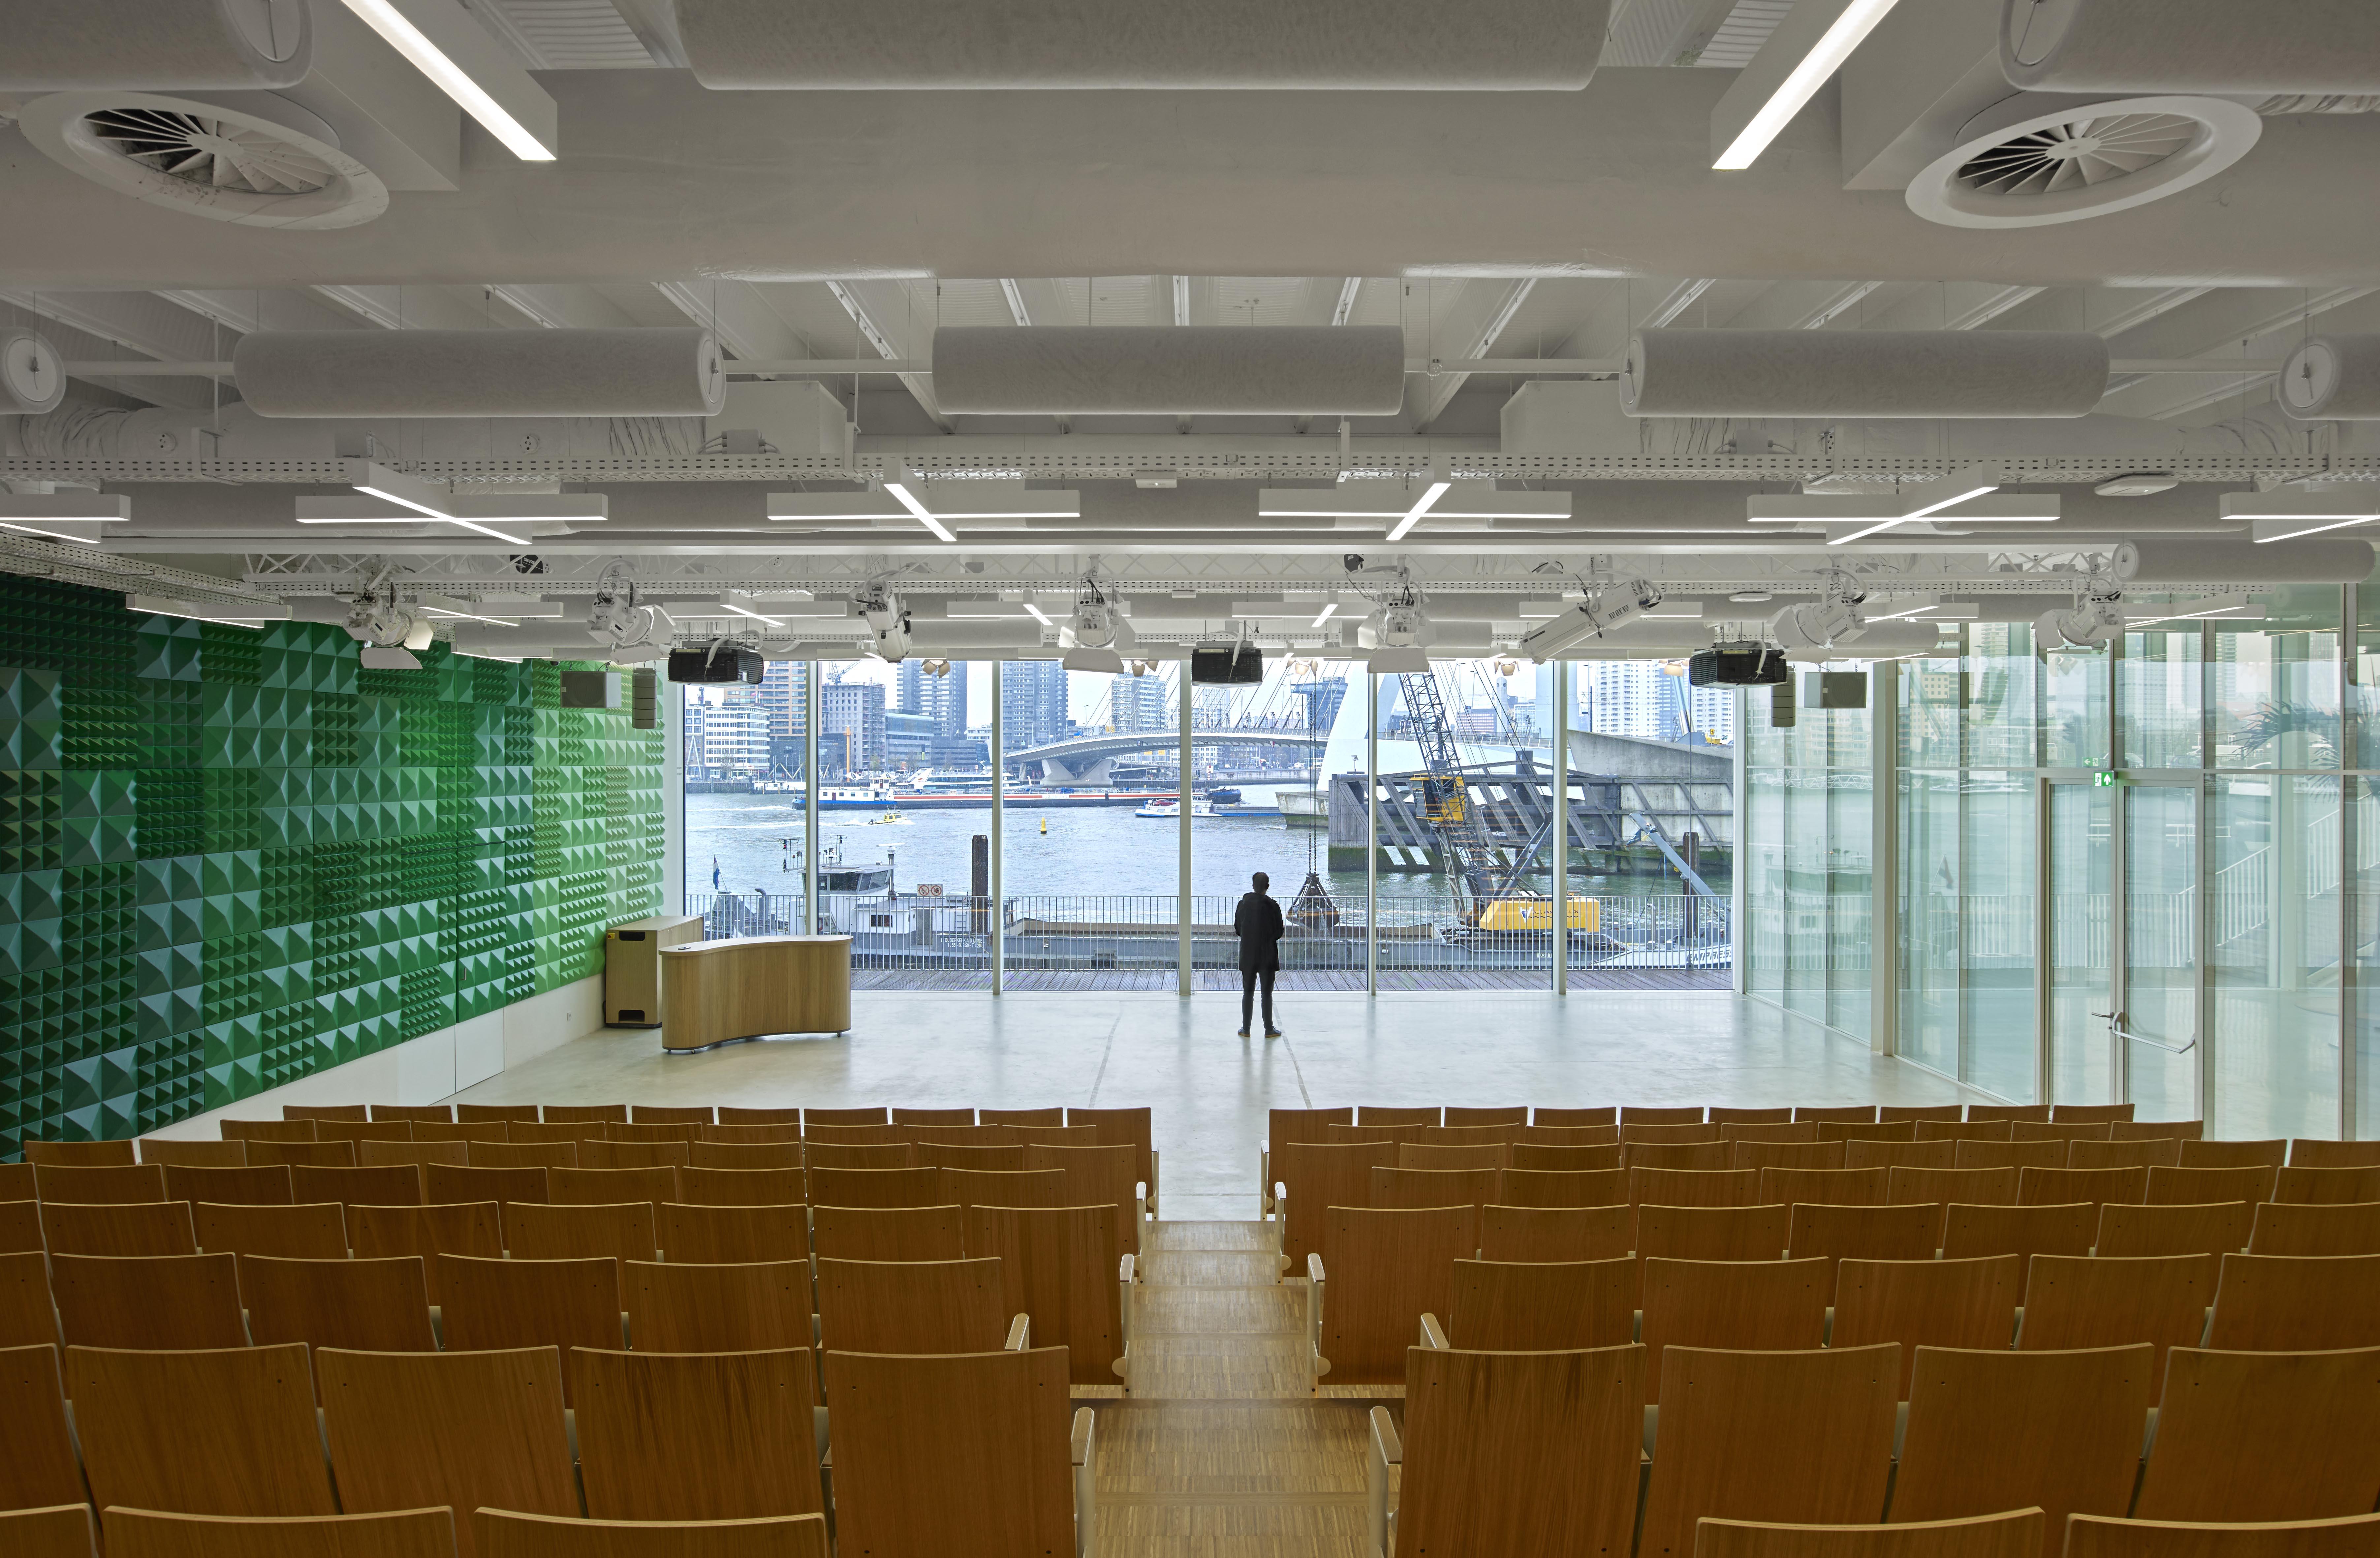 <p>KPN hoofdkantoor auditorium &#8211; Jeroen Musch</p>